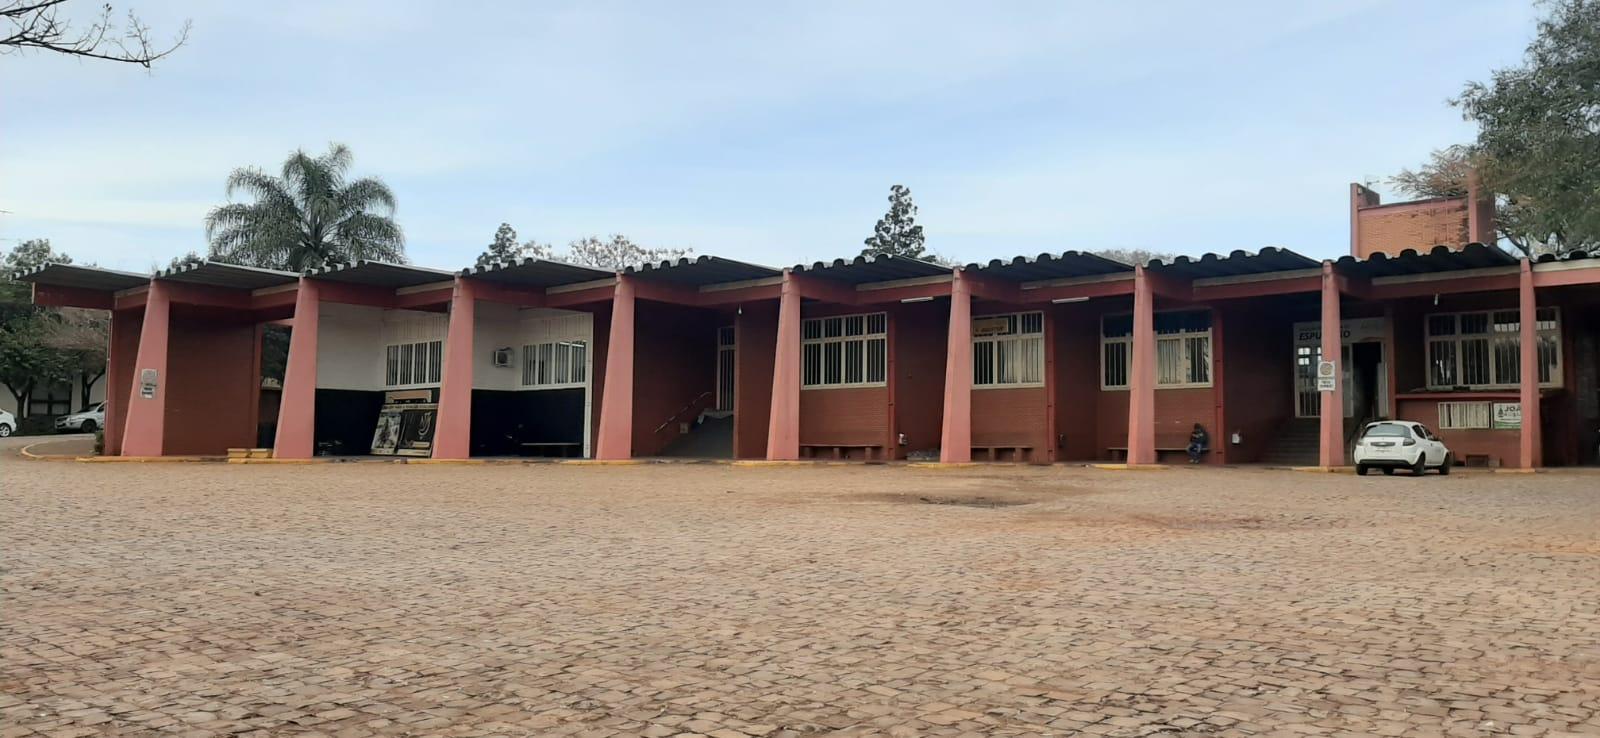 Venda da sede da rodoviária de Espumoso: Câmara recebe projeto de lei acerca da autorização